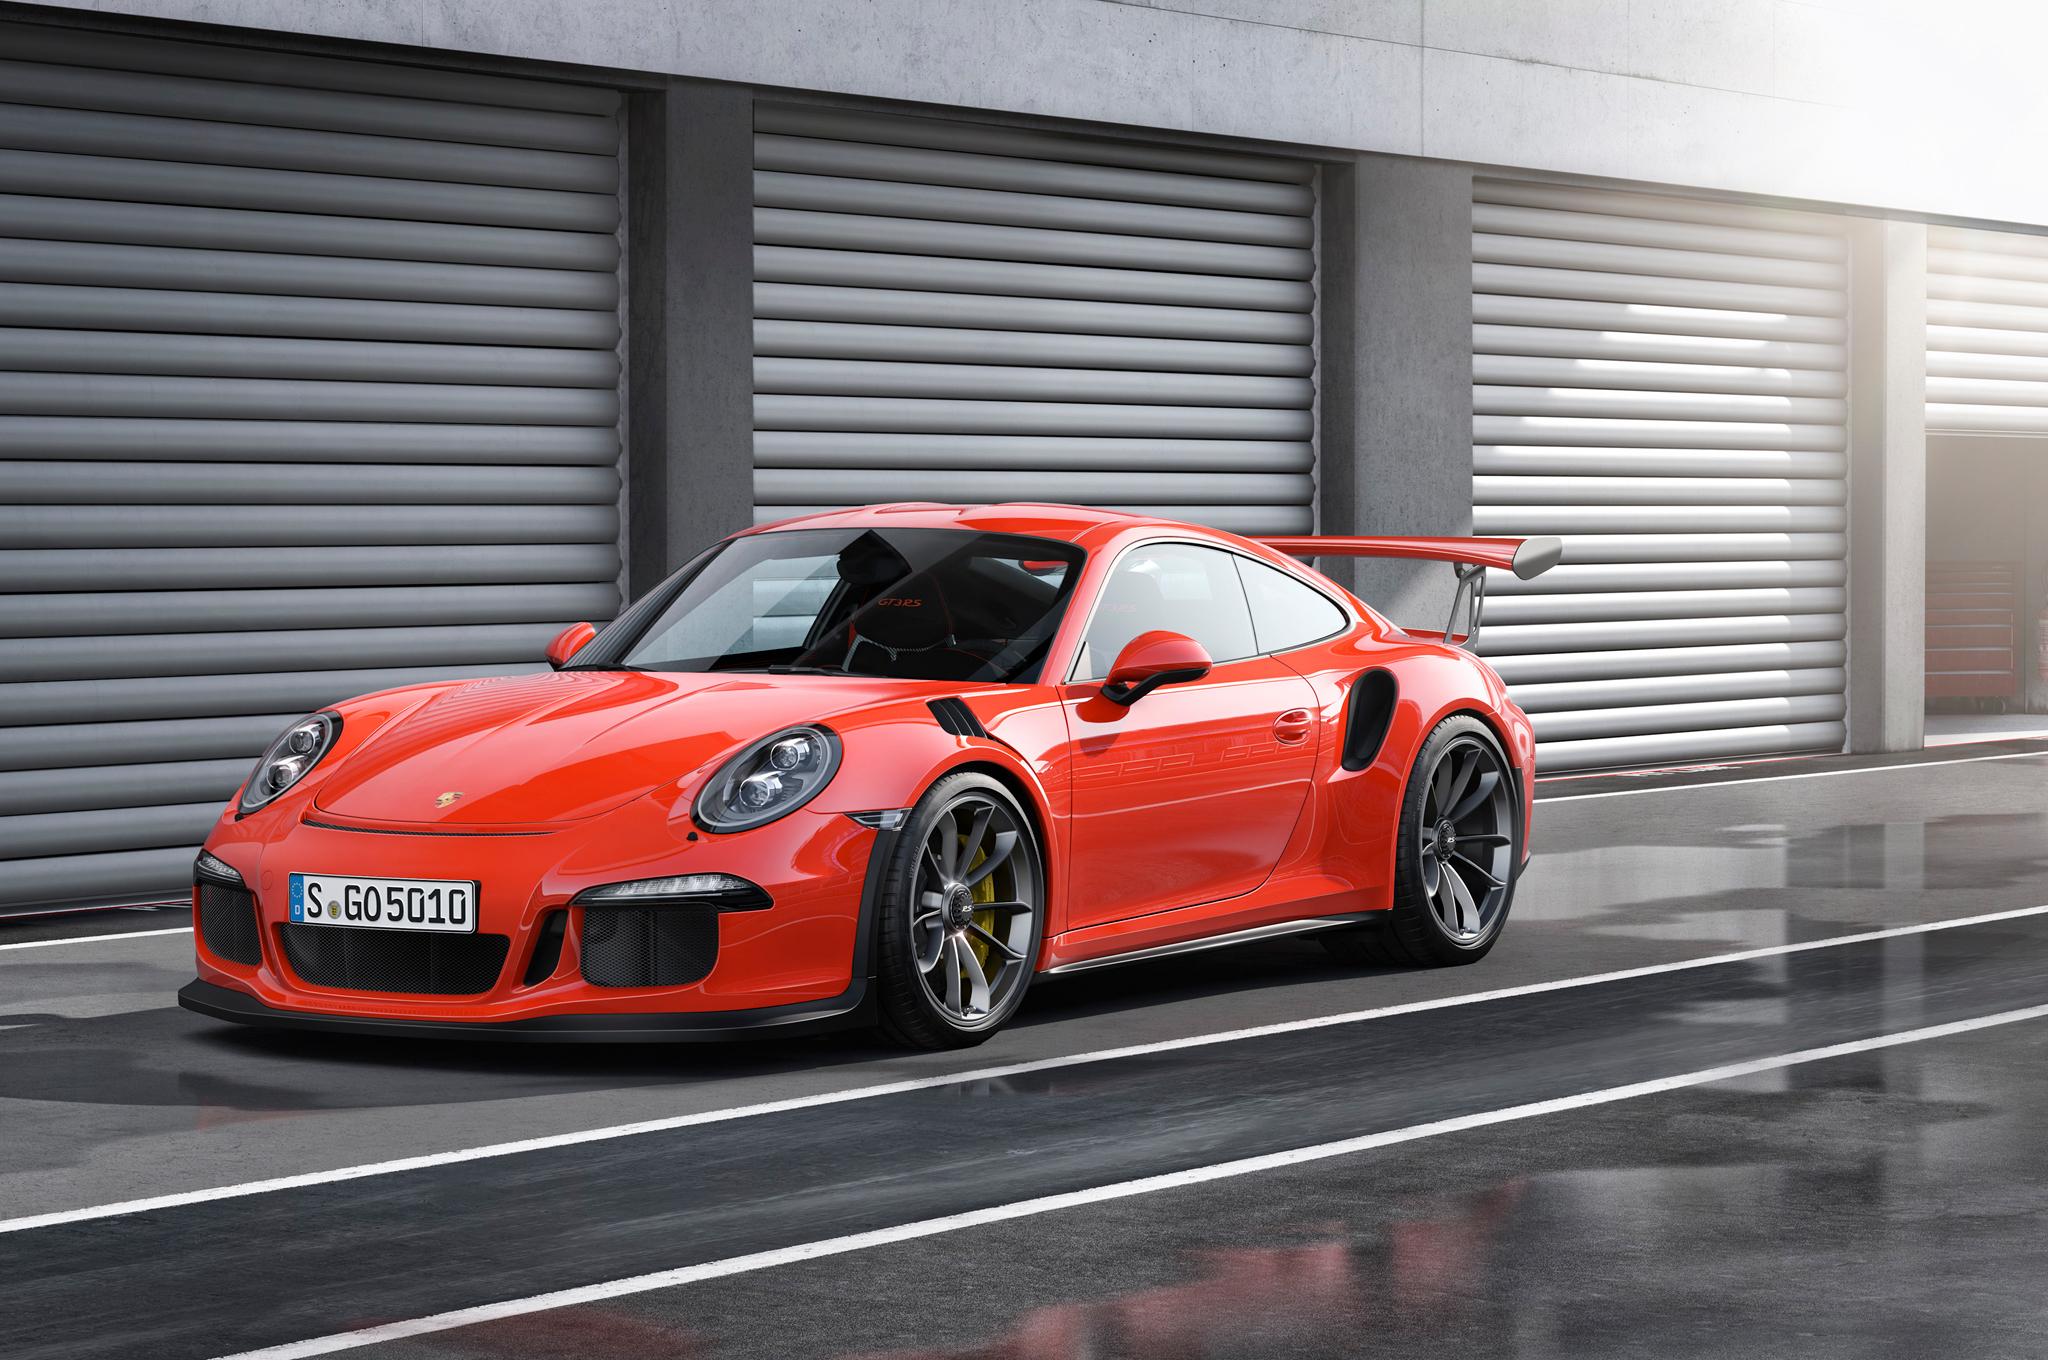 The 2016 Porsche 911 Gt3 Rs Exotic Car List